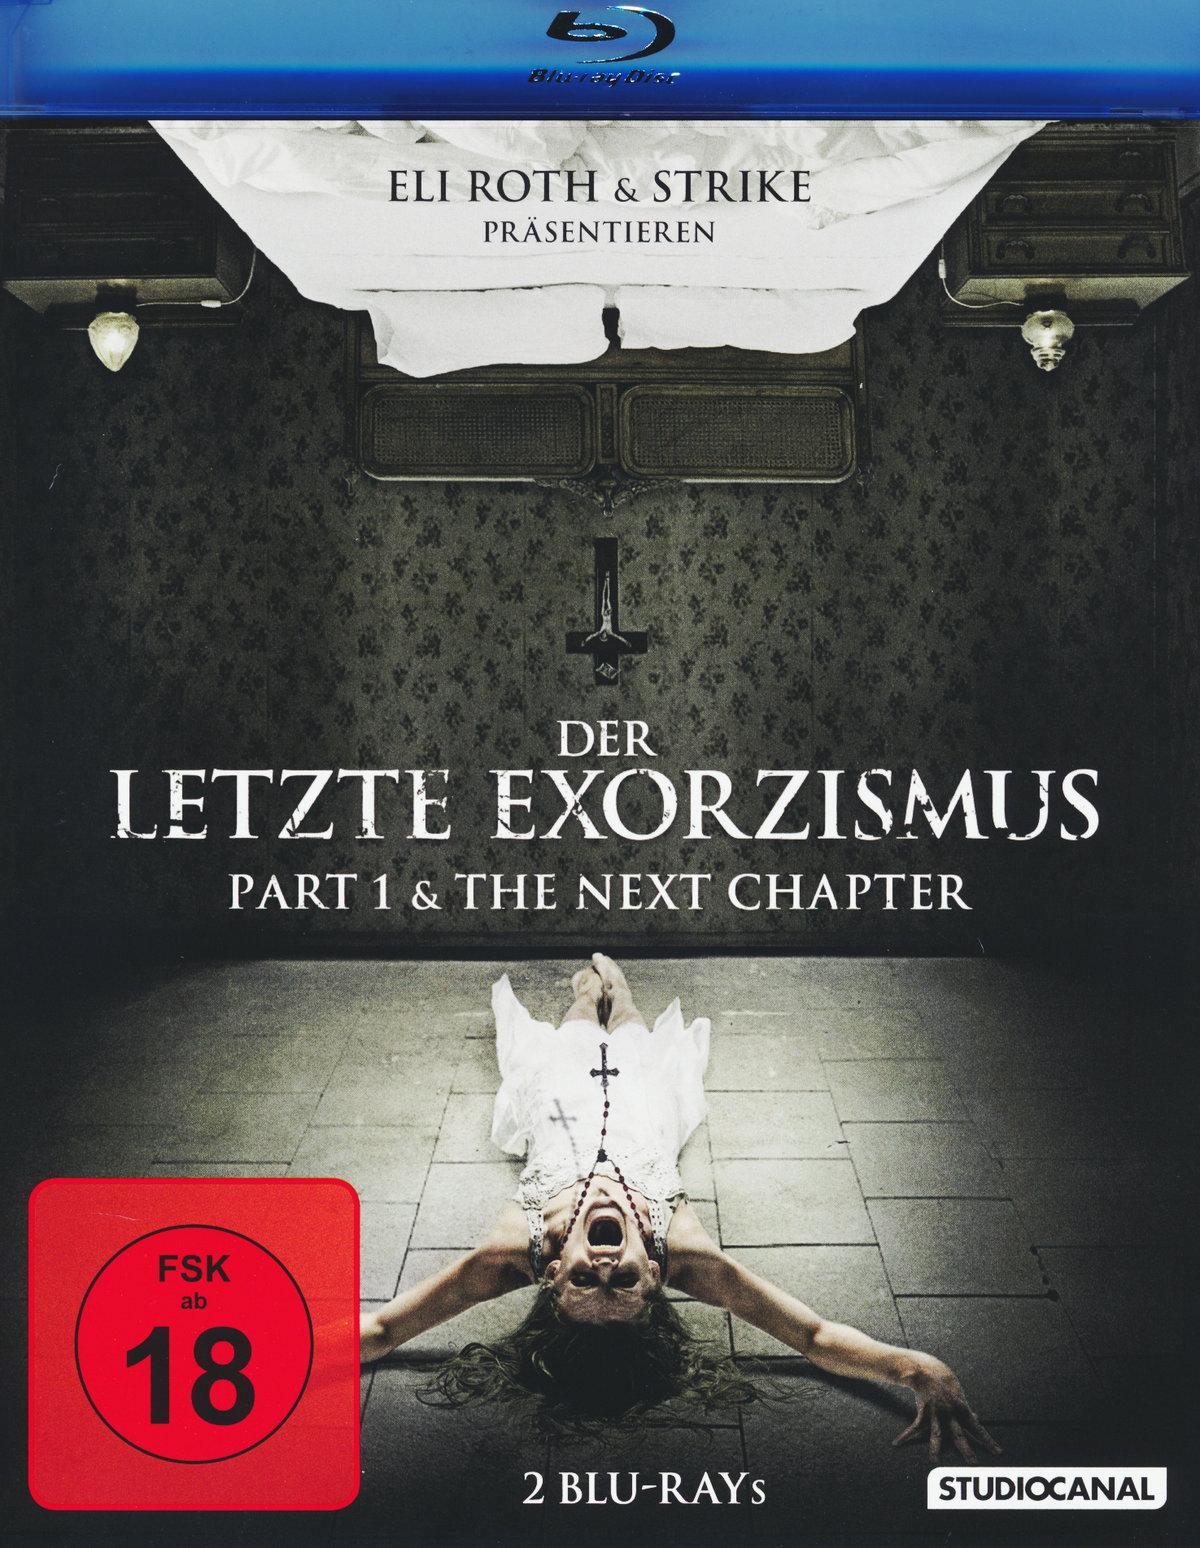 Der letzte Exorzismus - Part 1 & The Next Chapter - (2 Blu-rays)